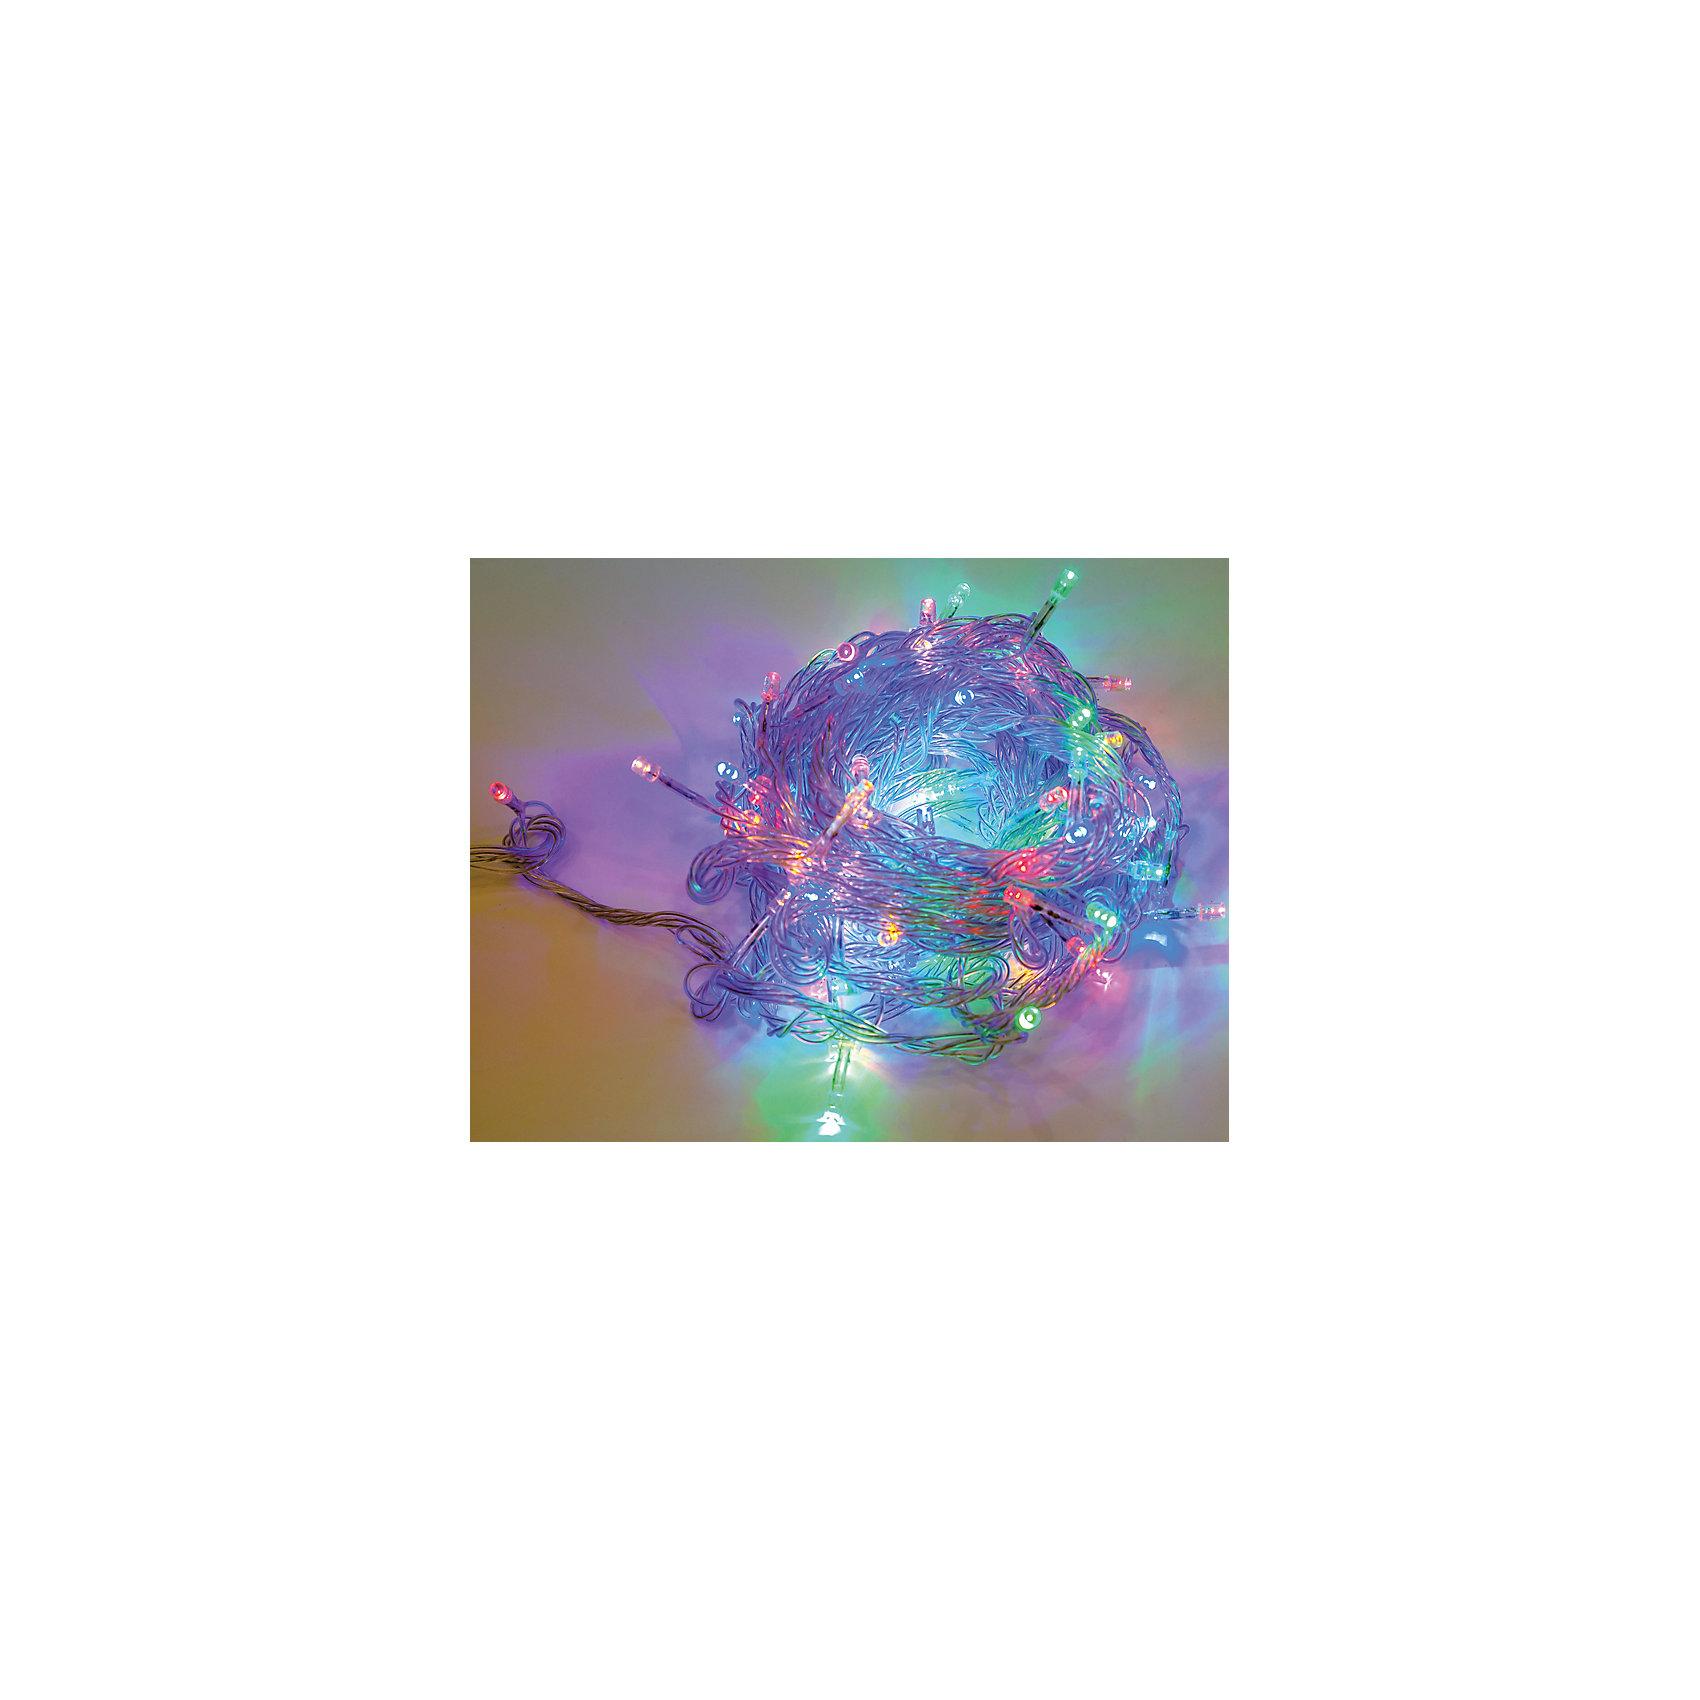 Электрогирлянда 100LED цветного свечения, прозрачный провод 8м, 8 режимовВсё для праздника<br>Электрические гирлянды – важный атрибут новогодних праздников. С их помощью украшают не только елки, но и окна, подъезды, фасады домов. <br> Гирлянда электрическая состоит из 100 LED -лампочек цветного свечения. <br> Прозрачный провод длиной 8 м . <br> Кол-во режимов работы – 8.<br><br>Ширина мм: 140<br>Глубина мм: 90<br>Высота мм: 80<br>Вес г: 0<br>Возраст от месяцев: 72<br>Возраст до месяцев: 540<br>Пол: Унисекс<br>Возраст: Детский<br>SKU: 5171931